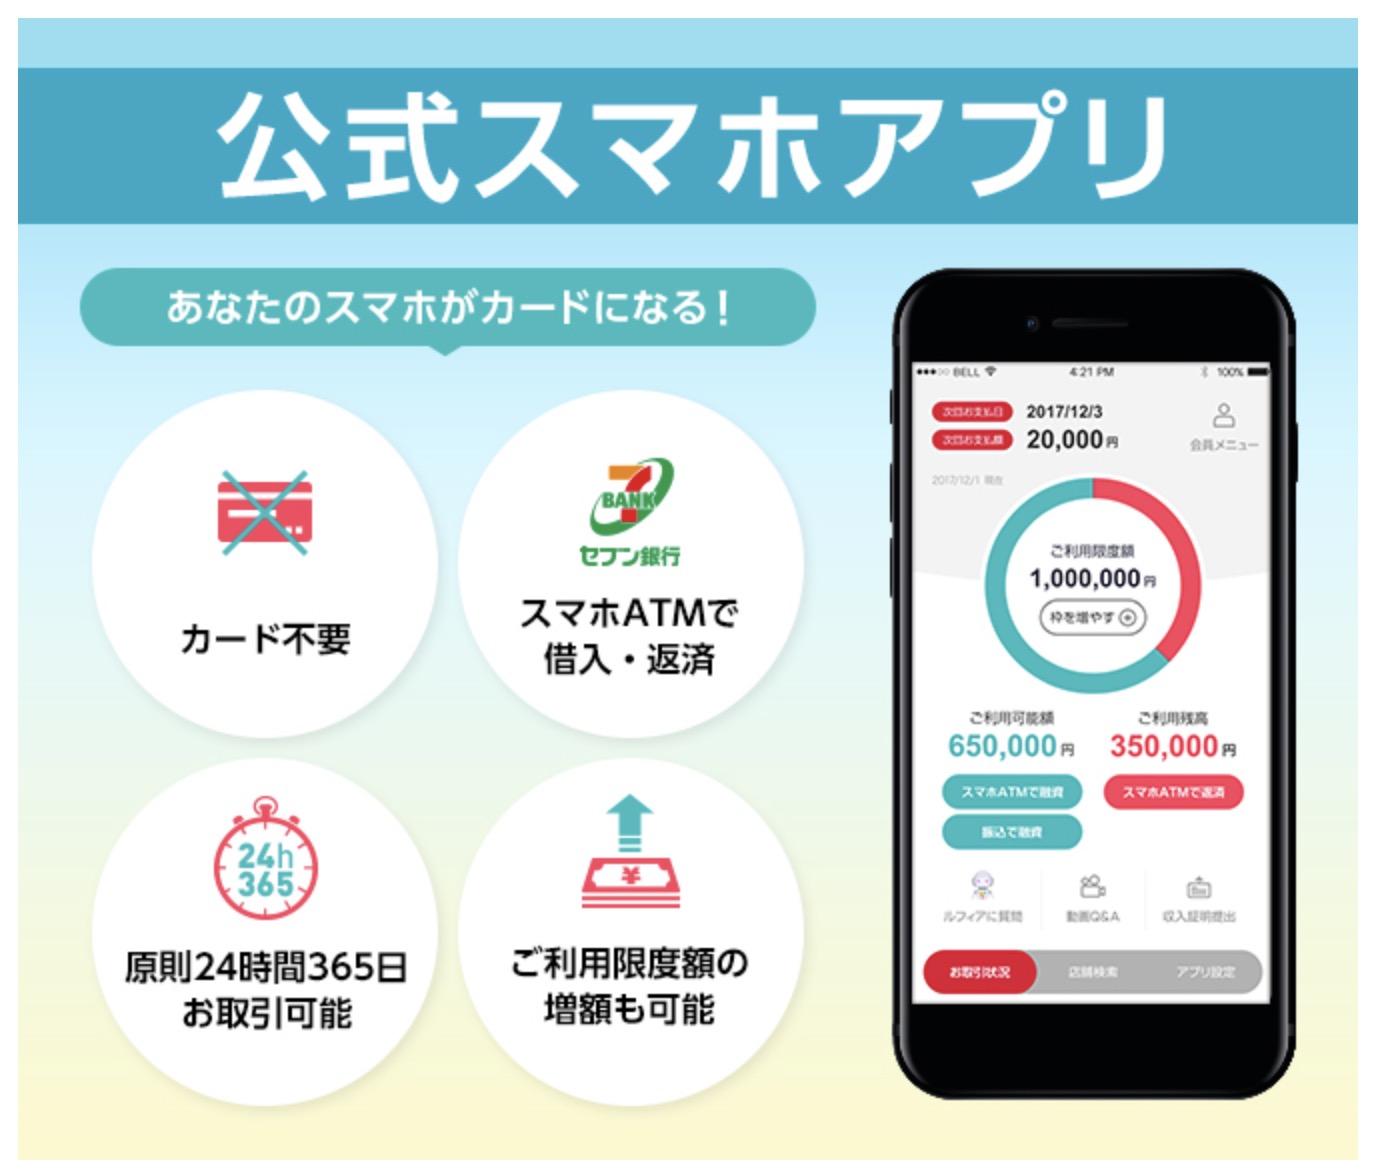 アイフルスマホアプリ(iPhone/Android)